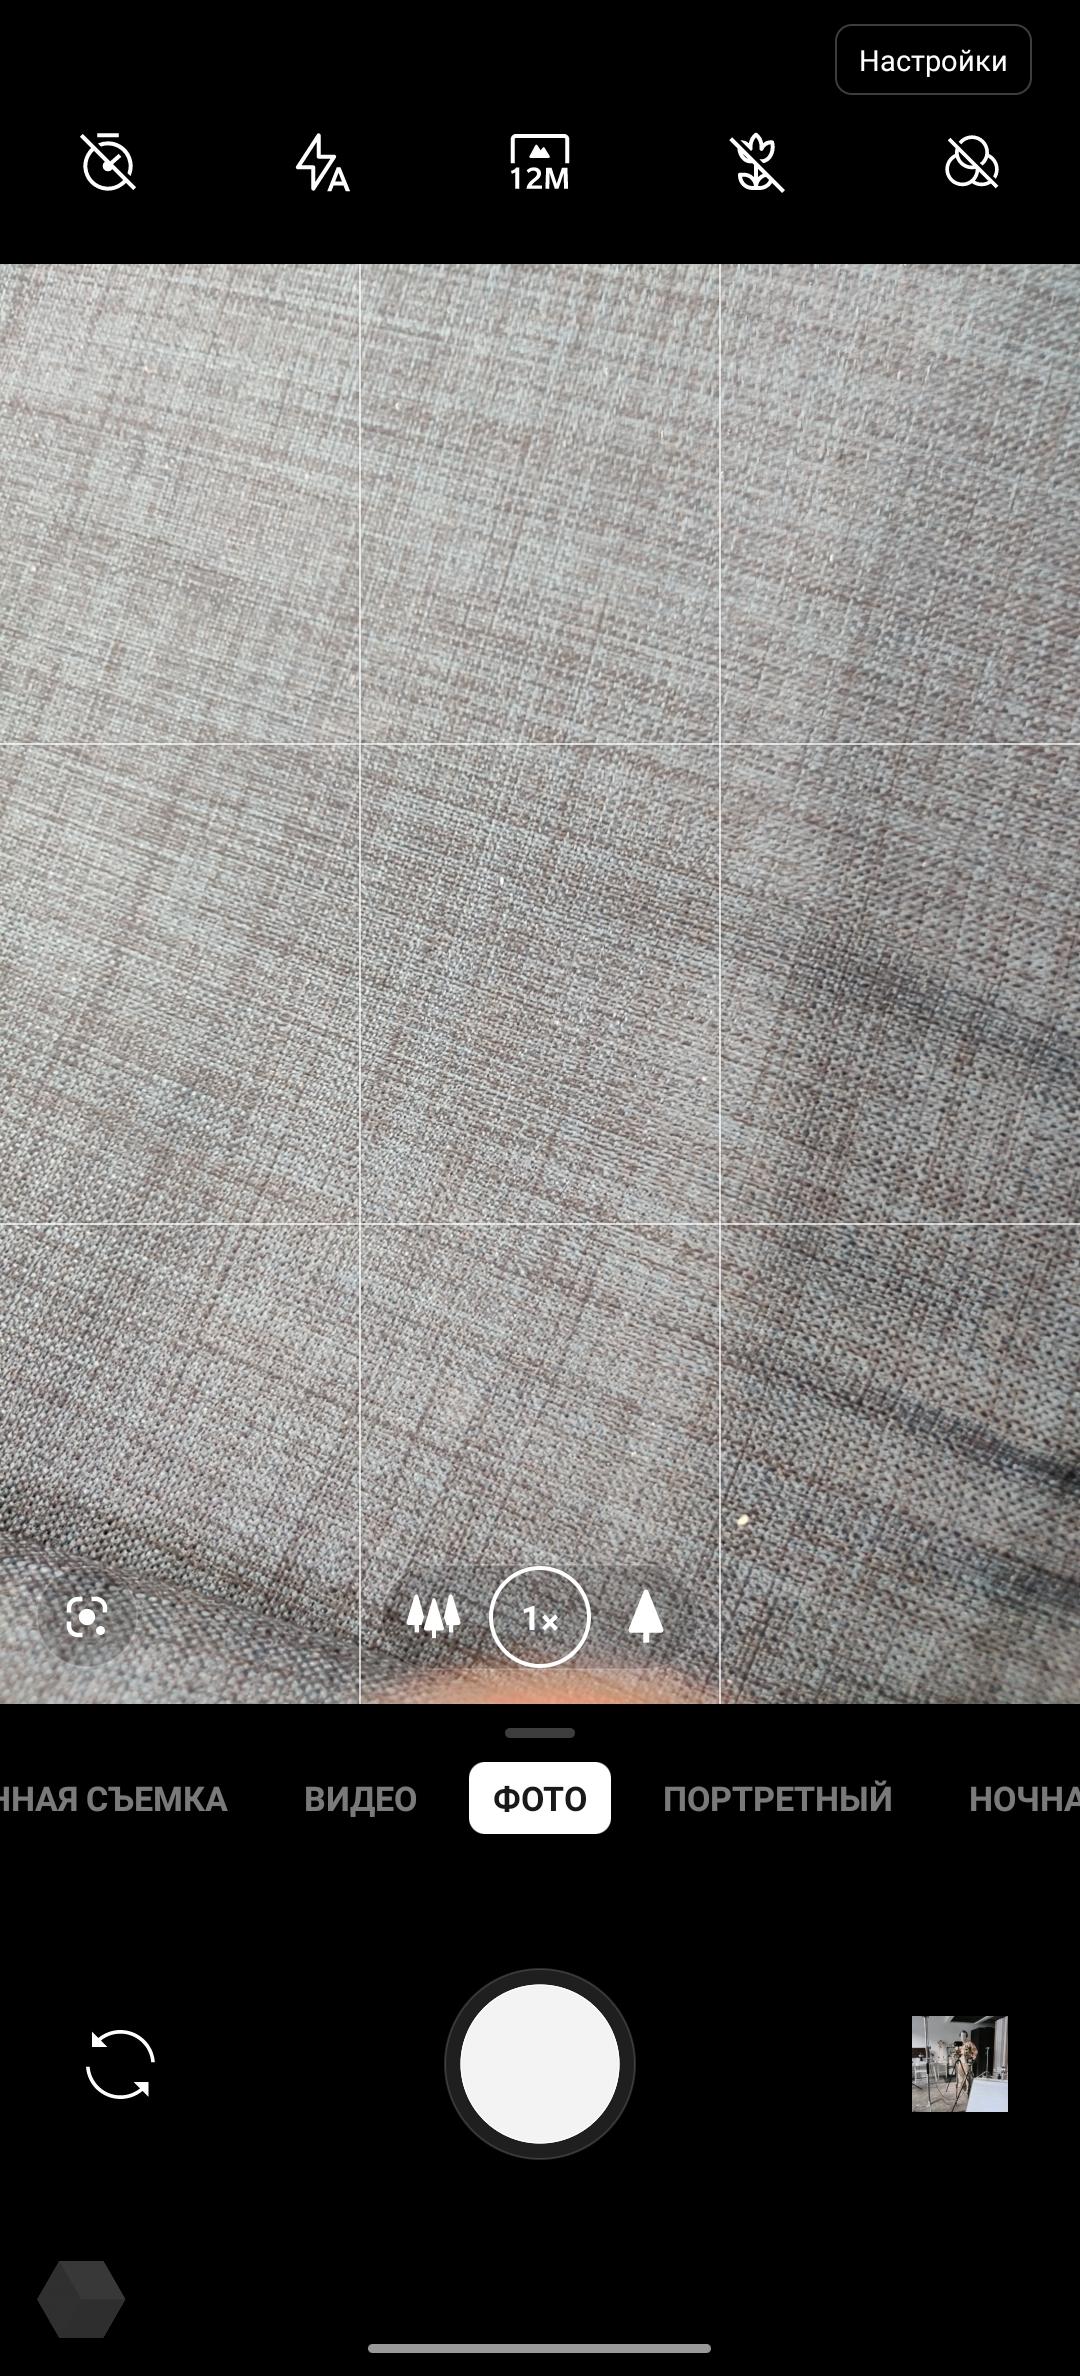 Обзор OnePlus 8 Pro: теперь в нём есть всё28